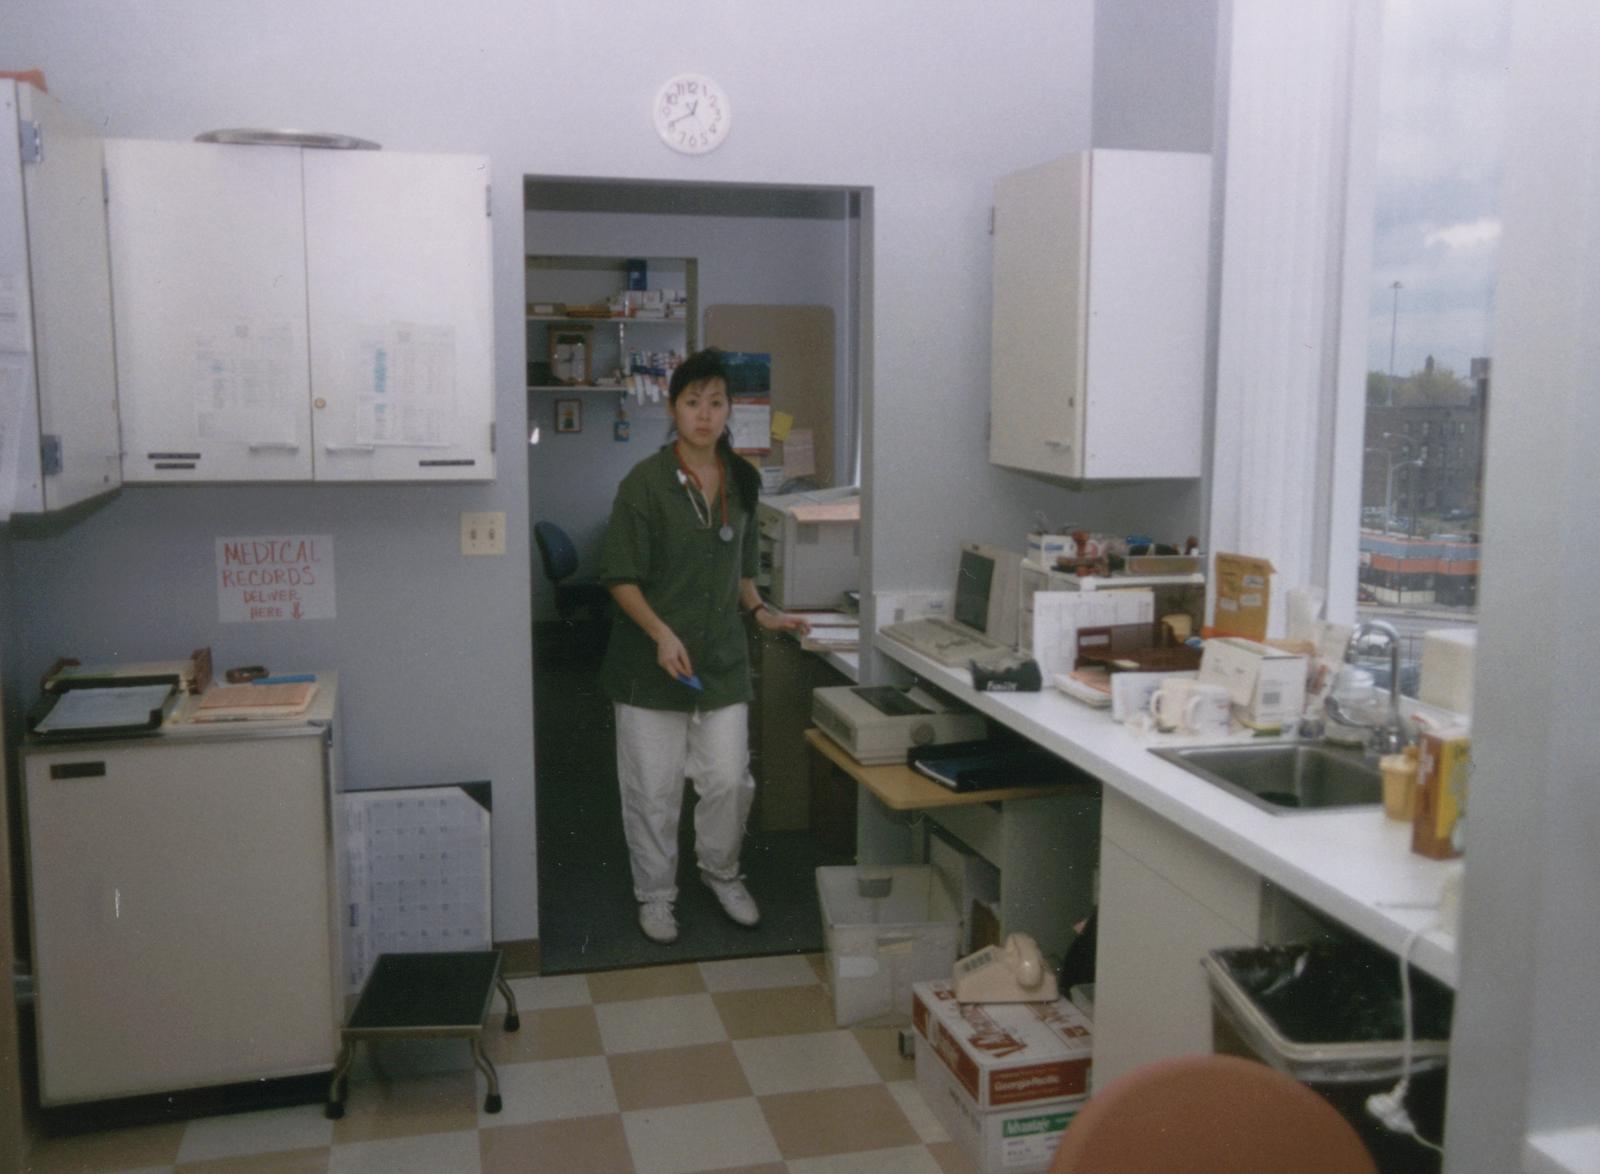 rush_hospital_nurses_station2.jpg